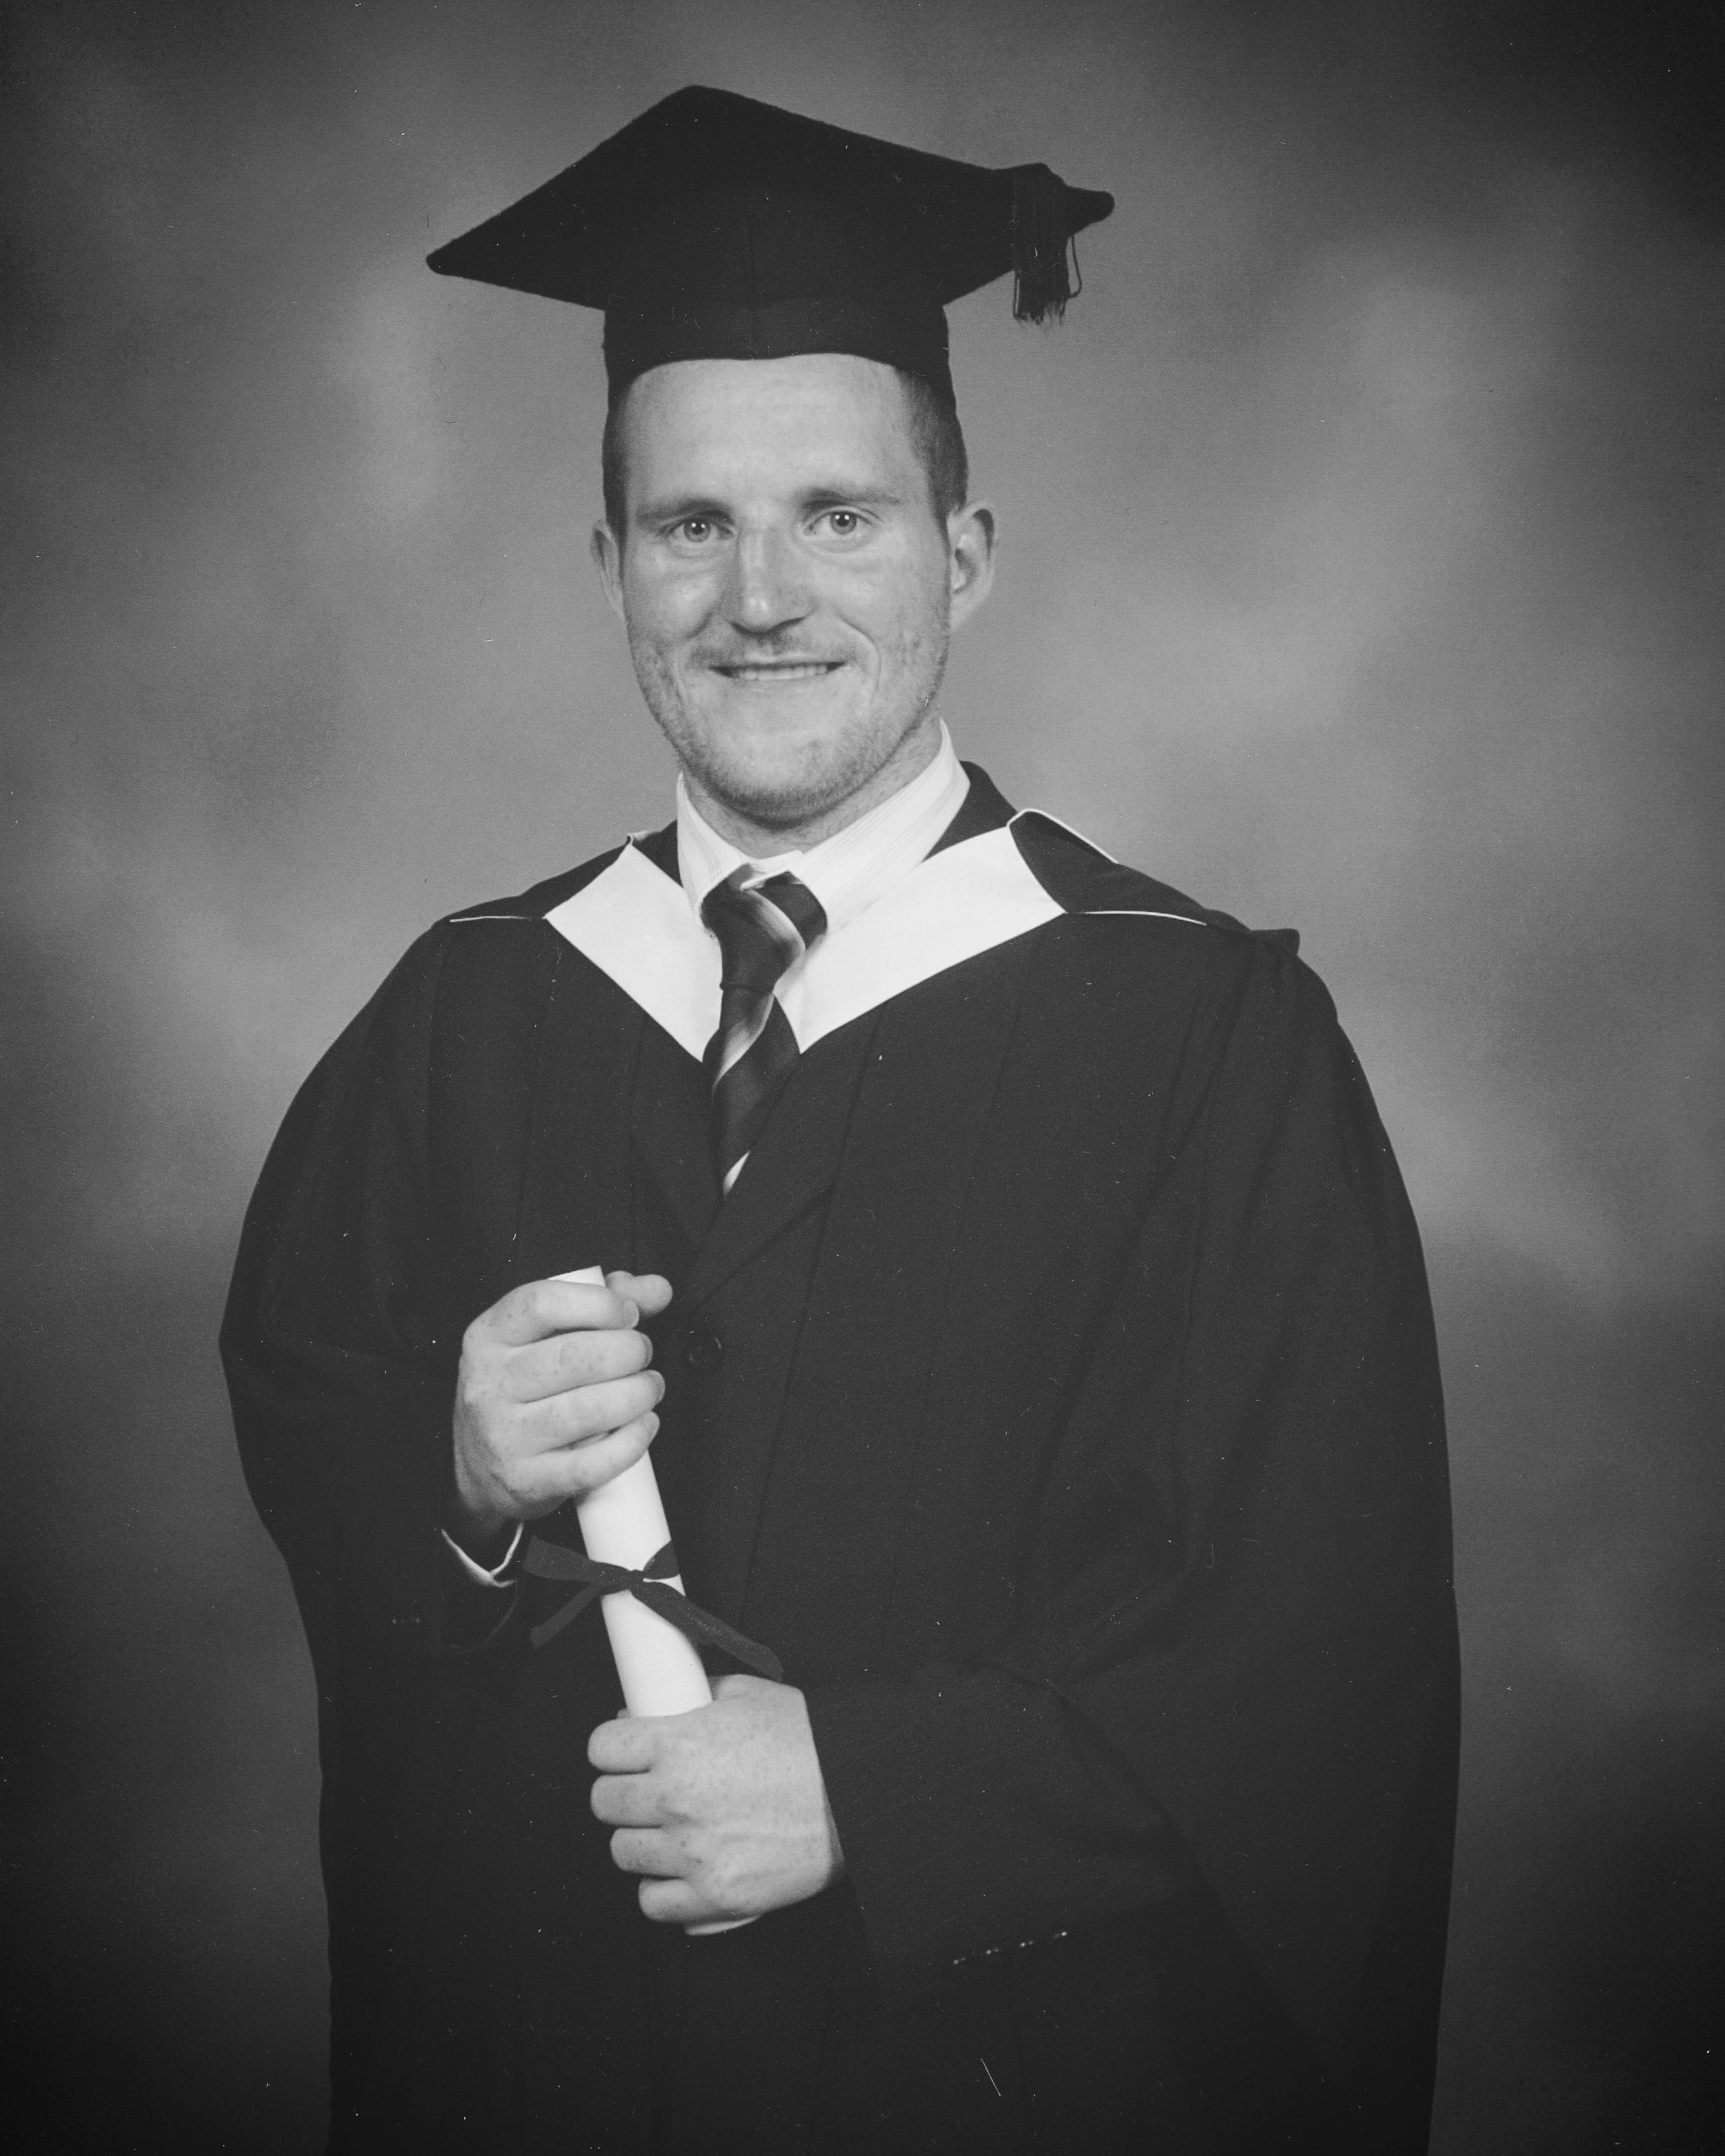 2009-Conor Graduates as Architectural Technician